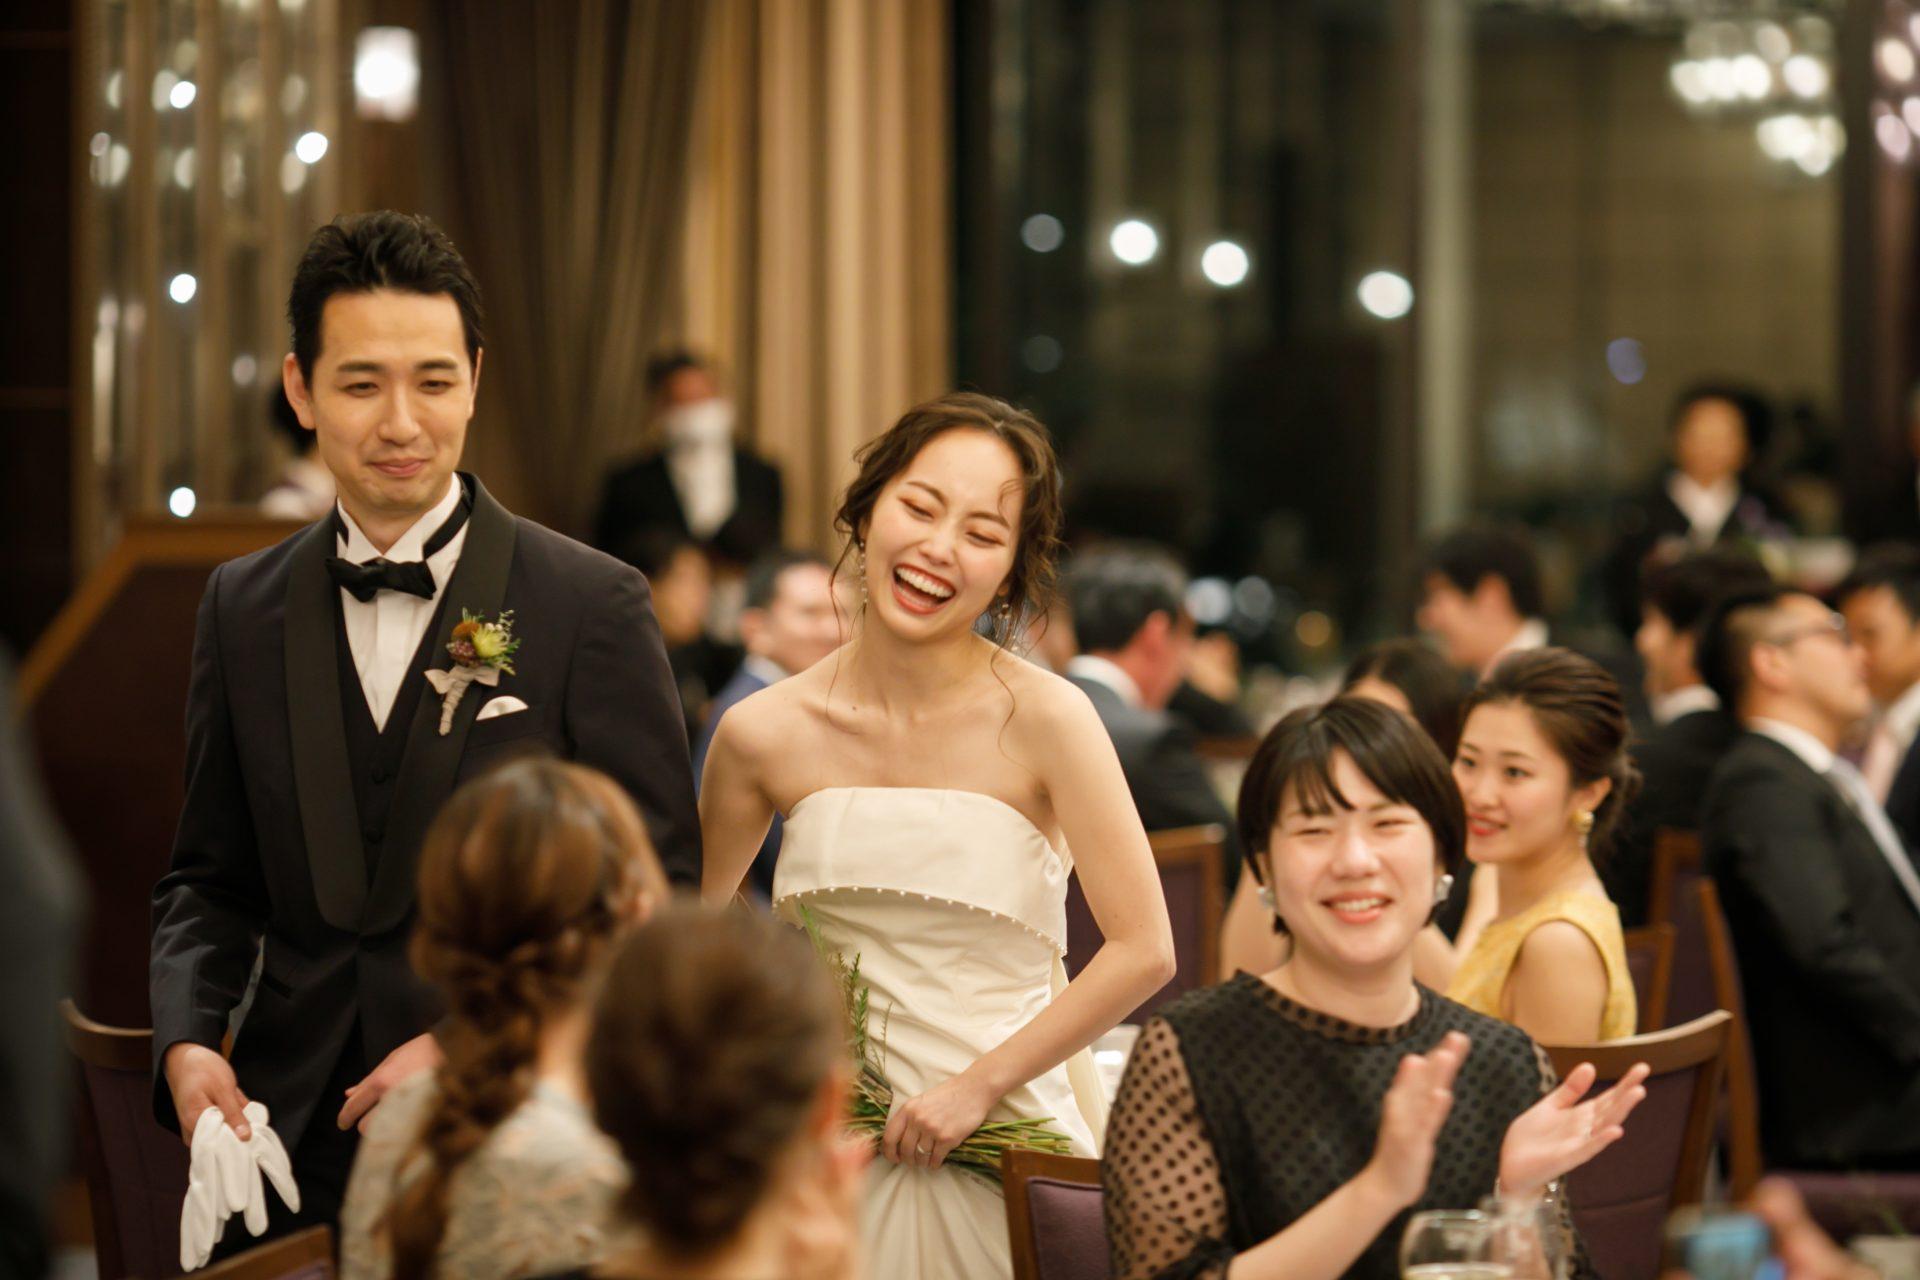 春から夏に結婚式を延期し新郎新婦様もご家族様も不安な時期が続きましたが、結婚式当日は沢山の友人や家族に囲まれとても楽しいパーティになったことを、新婦様の笑顔が物語っています